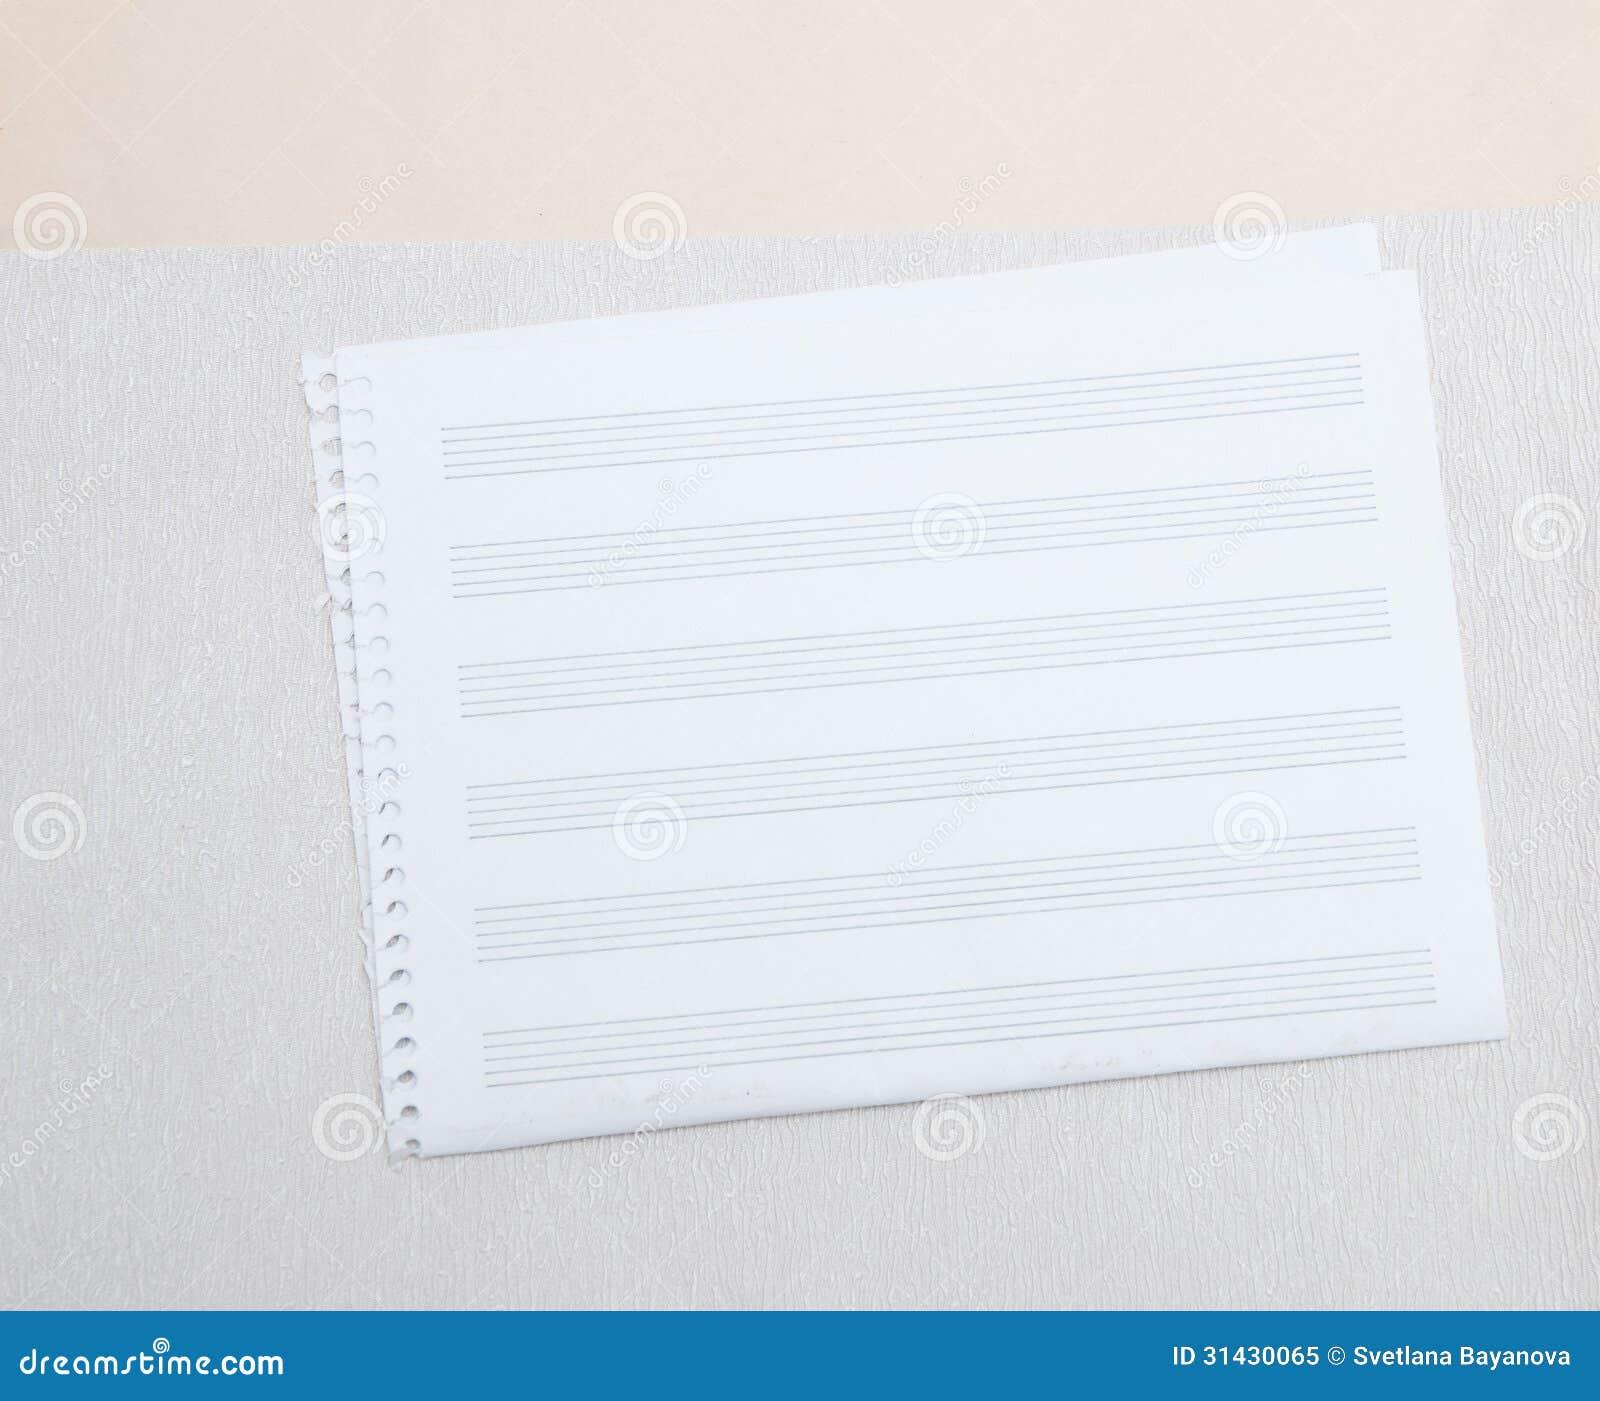 Een blanco pagina van bladmuziek met besliste hand getrokken lijnen royalty vrije stock foto - Poel van blanco hoek ...